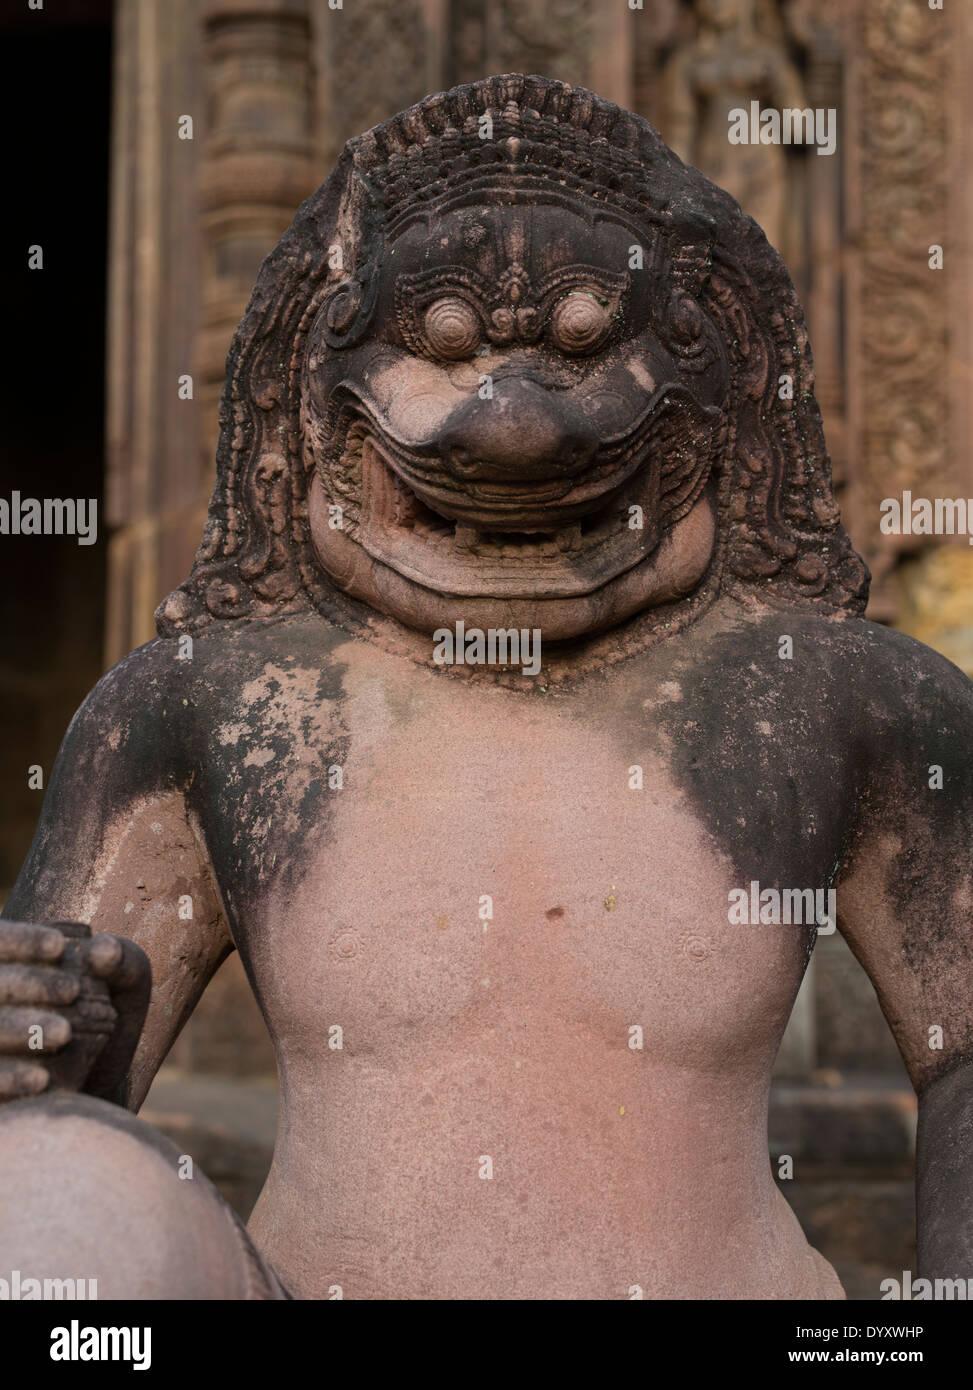 Tuteur à tête de lion à Banteay Srei Temple Hindou dédié à Shiva. Siem Reap, Cambodge Photo Stock